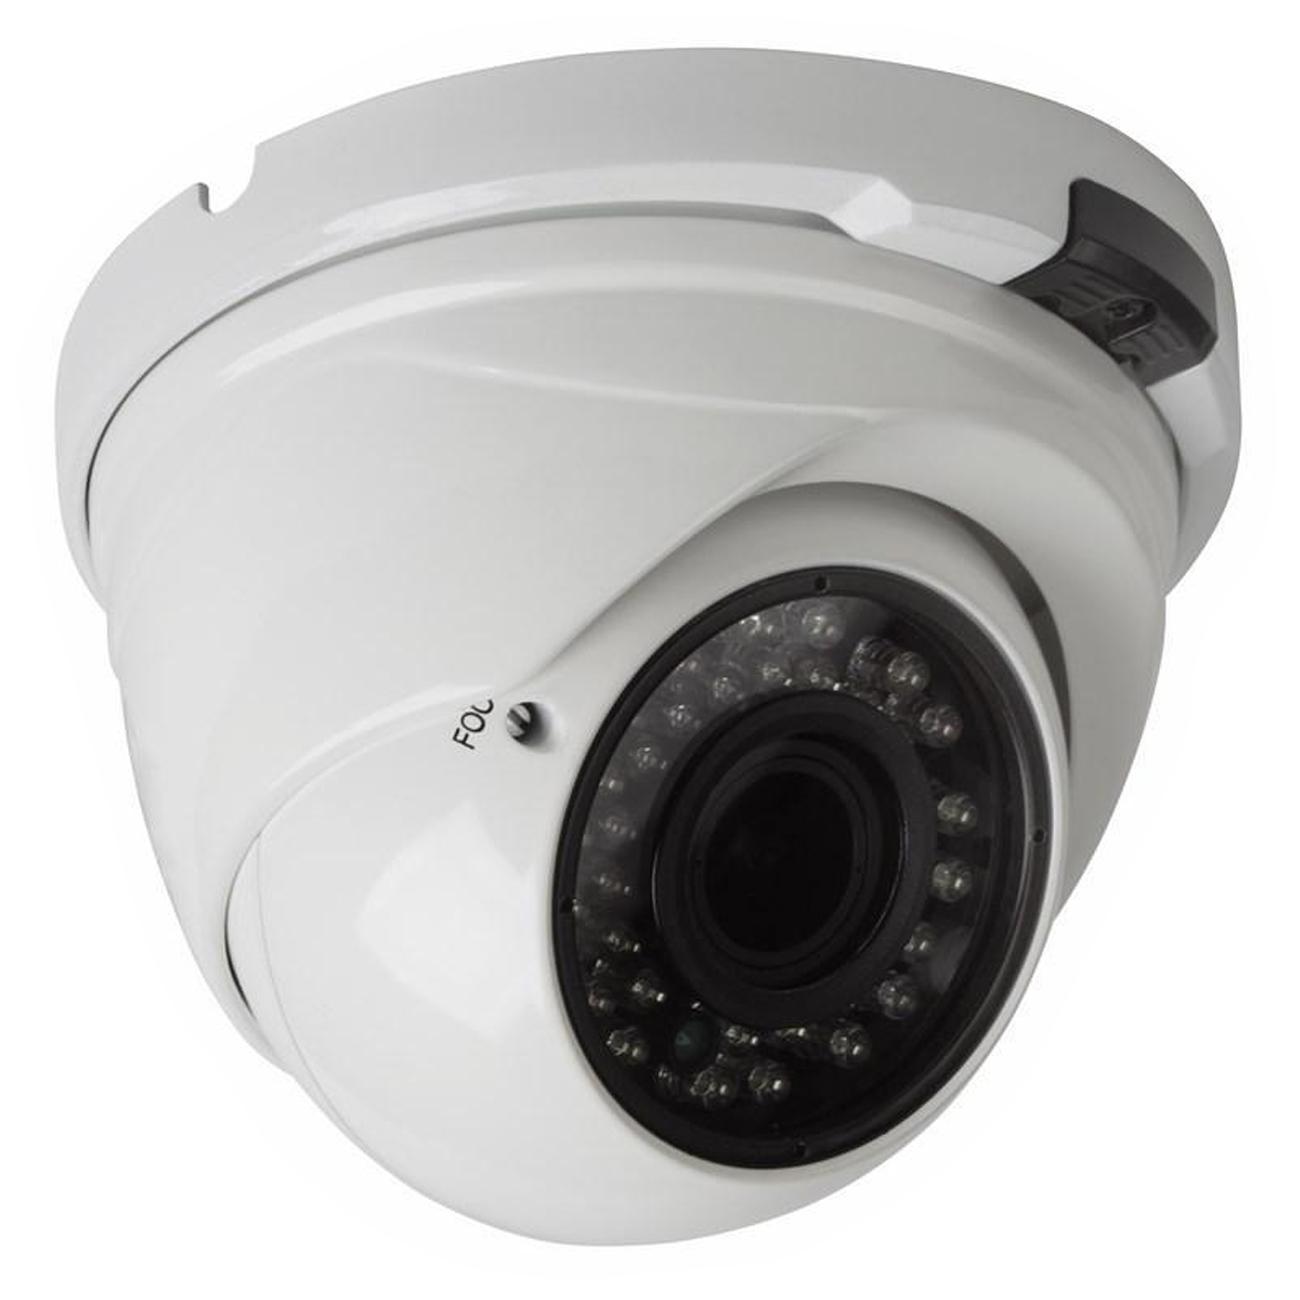 Фото Купольная IP видеокамера Rexant вандалозащищенная, 4 Мп, ИК, PoE {45-0373}